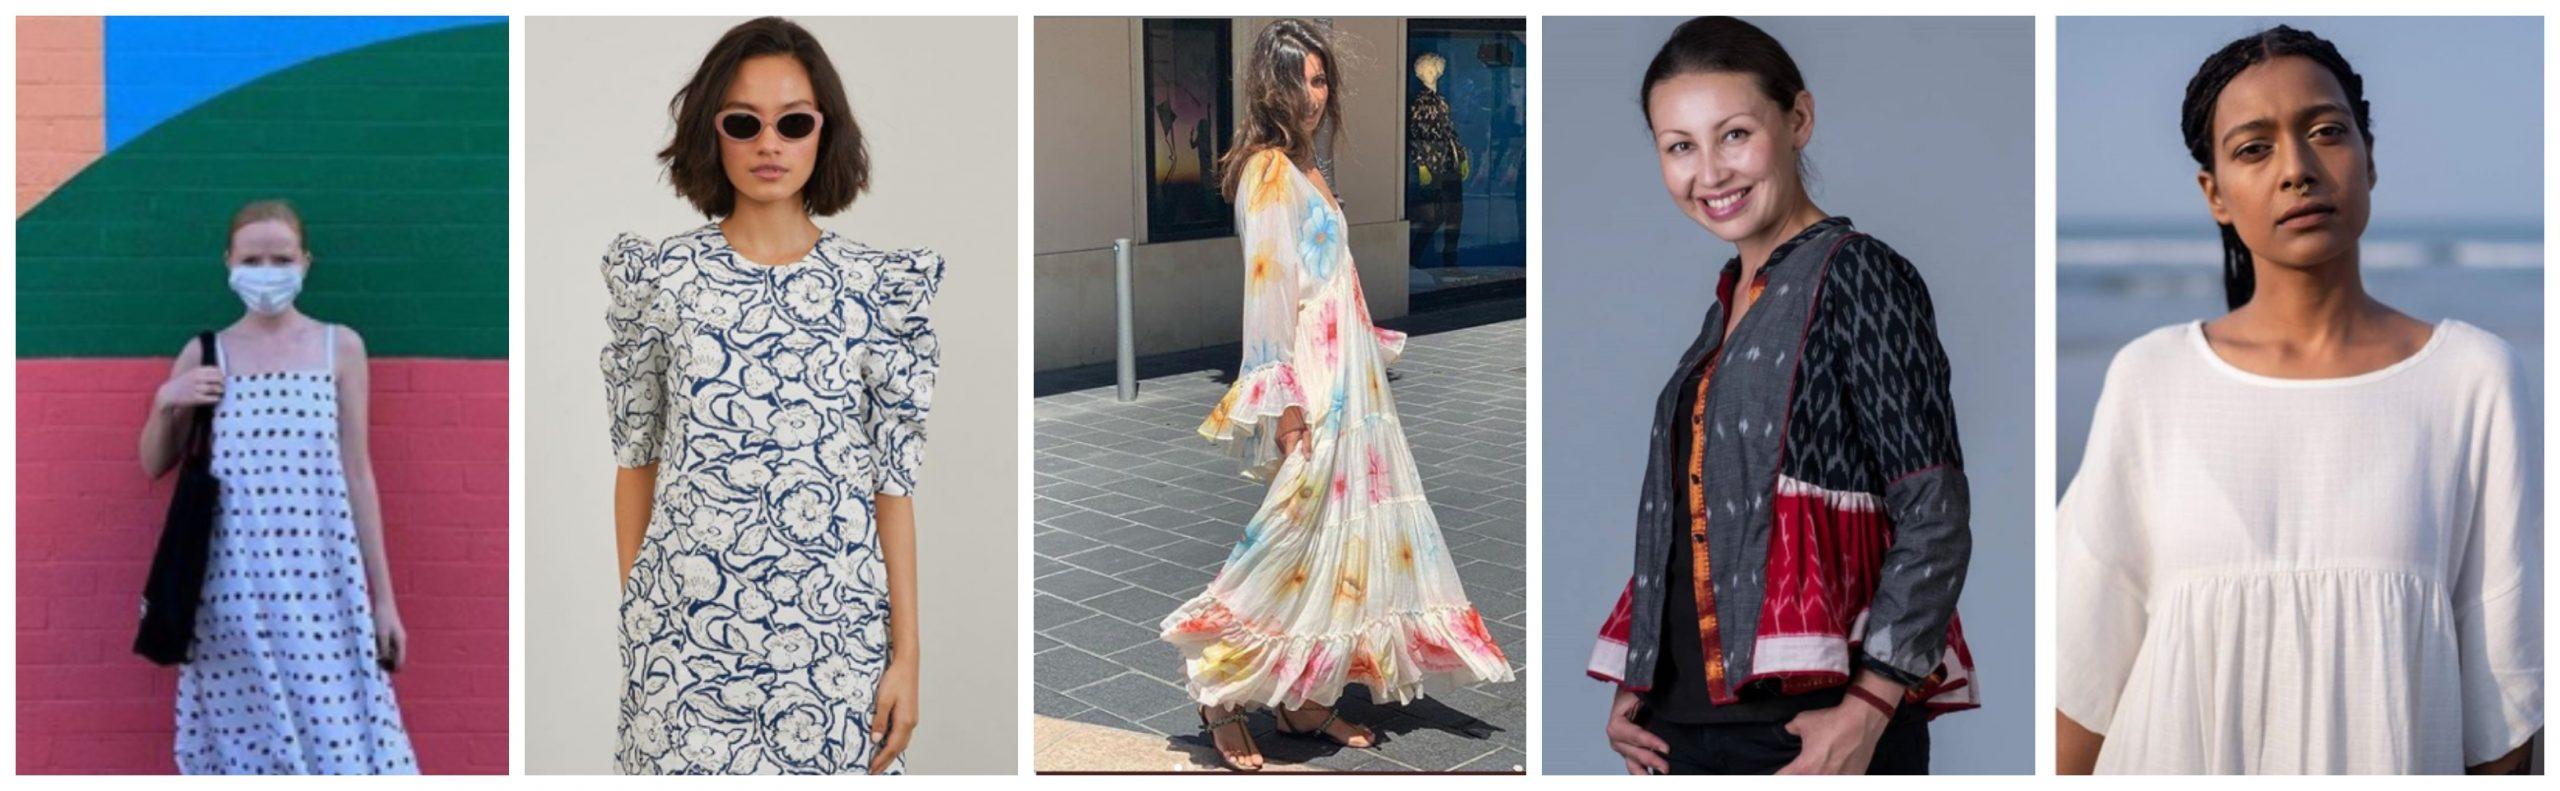 जानिए, भारत के पांच लोकप्रिय सस्टेनेबल फैशन ब्रैंड के बारे में